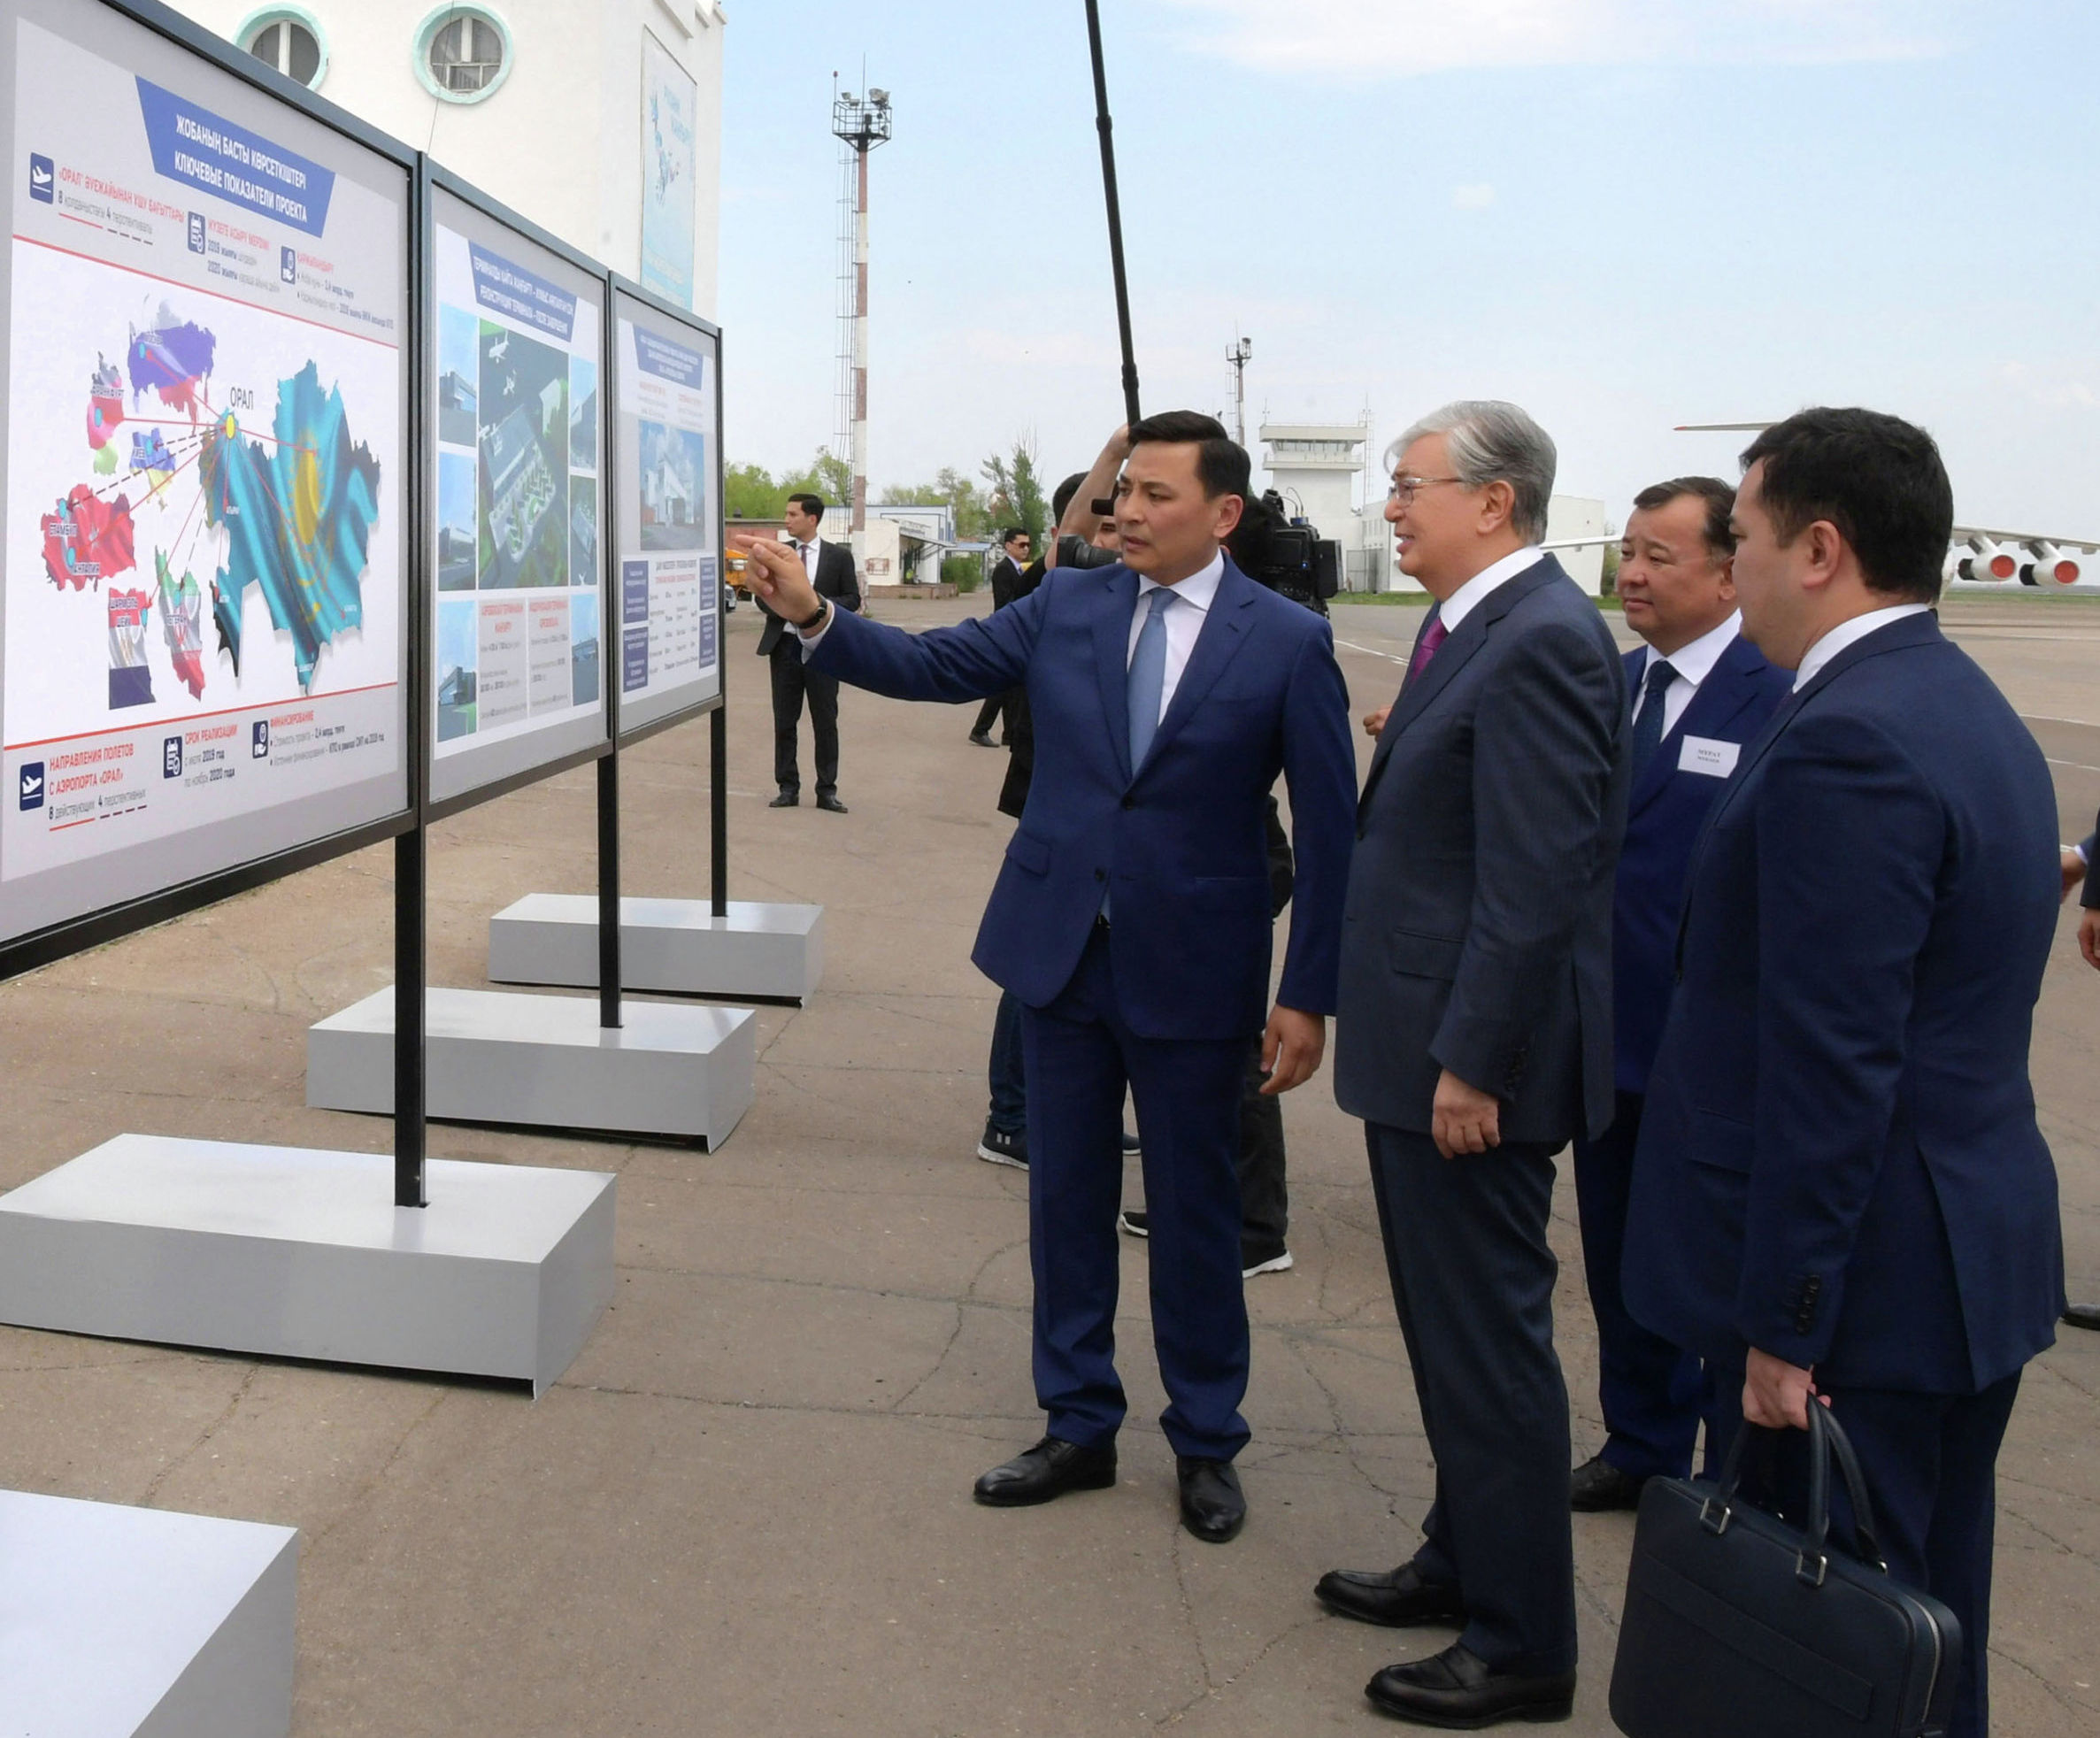 Президент Казахстана Касым-Жомарт Токаев ознакомился с проектом модернизации аэропорта Уральска